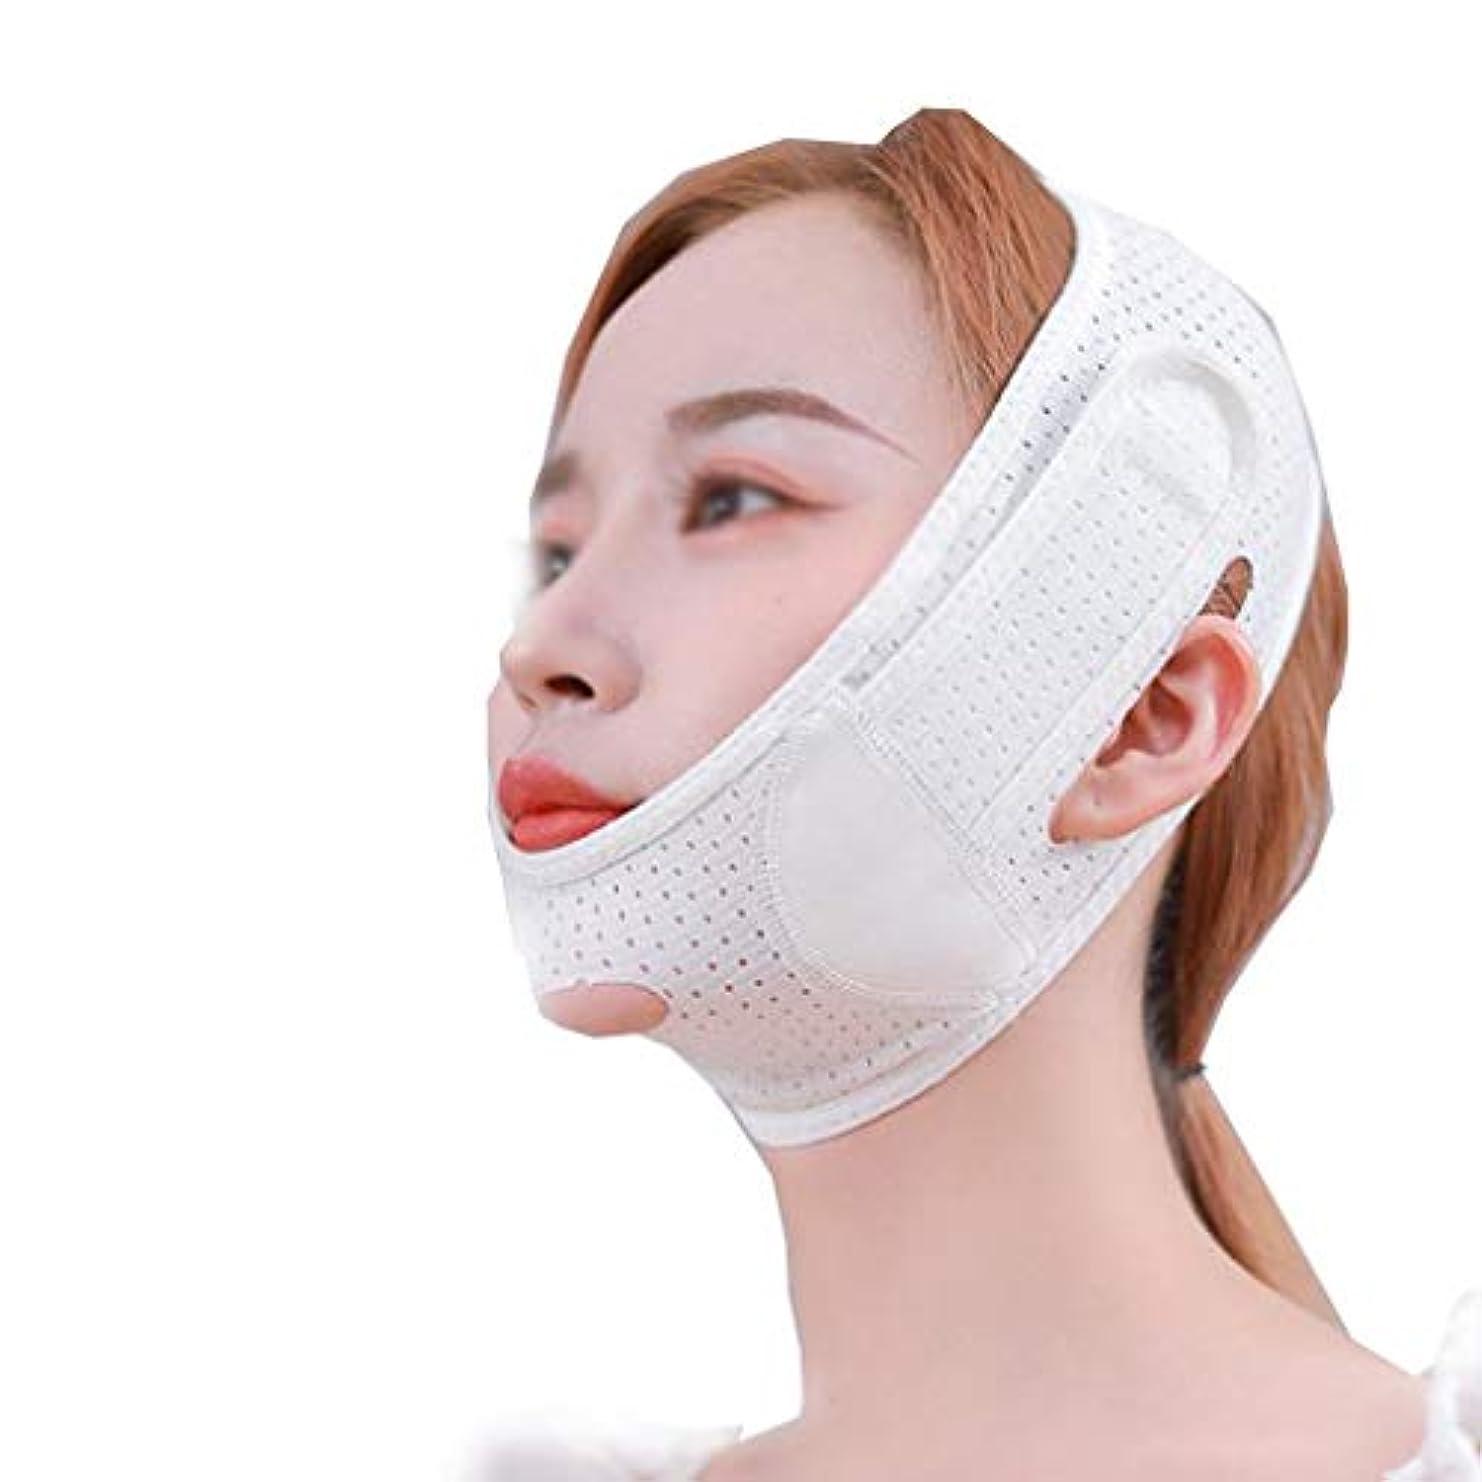 かけがえのない記者文法ZWBD フェイスマスク, 薄い顔のステッカーアーティファクトの包帯は小さい二重顎の法令のマスクを固める小さいVの表面を引っ張ります